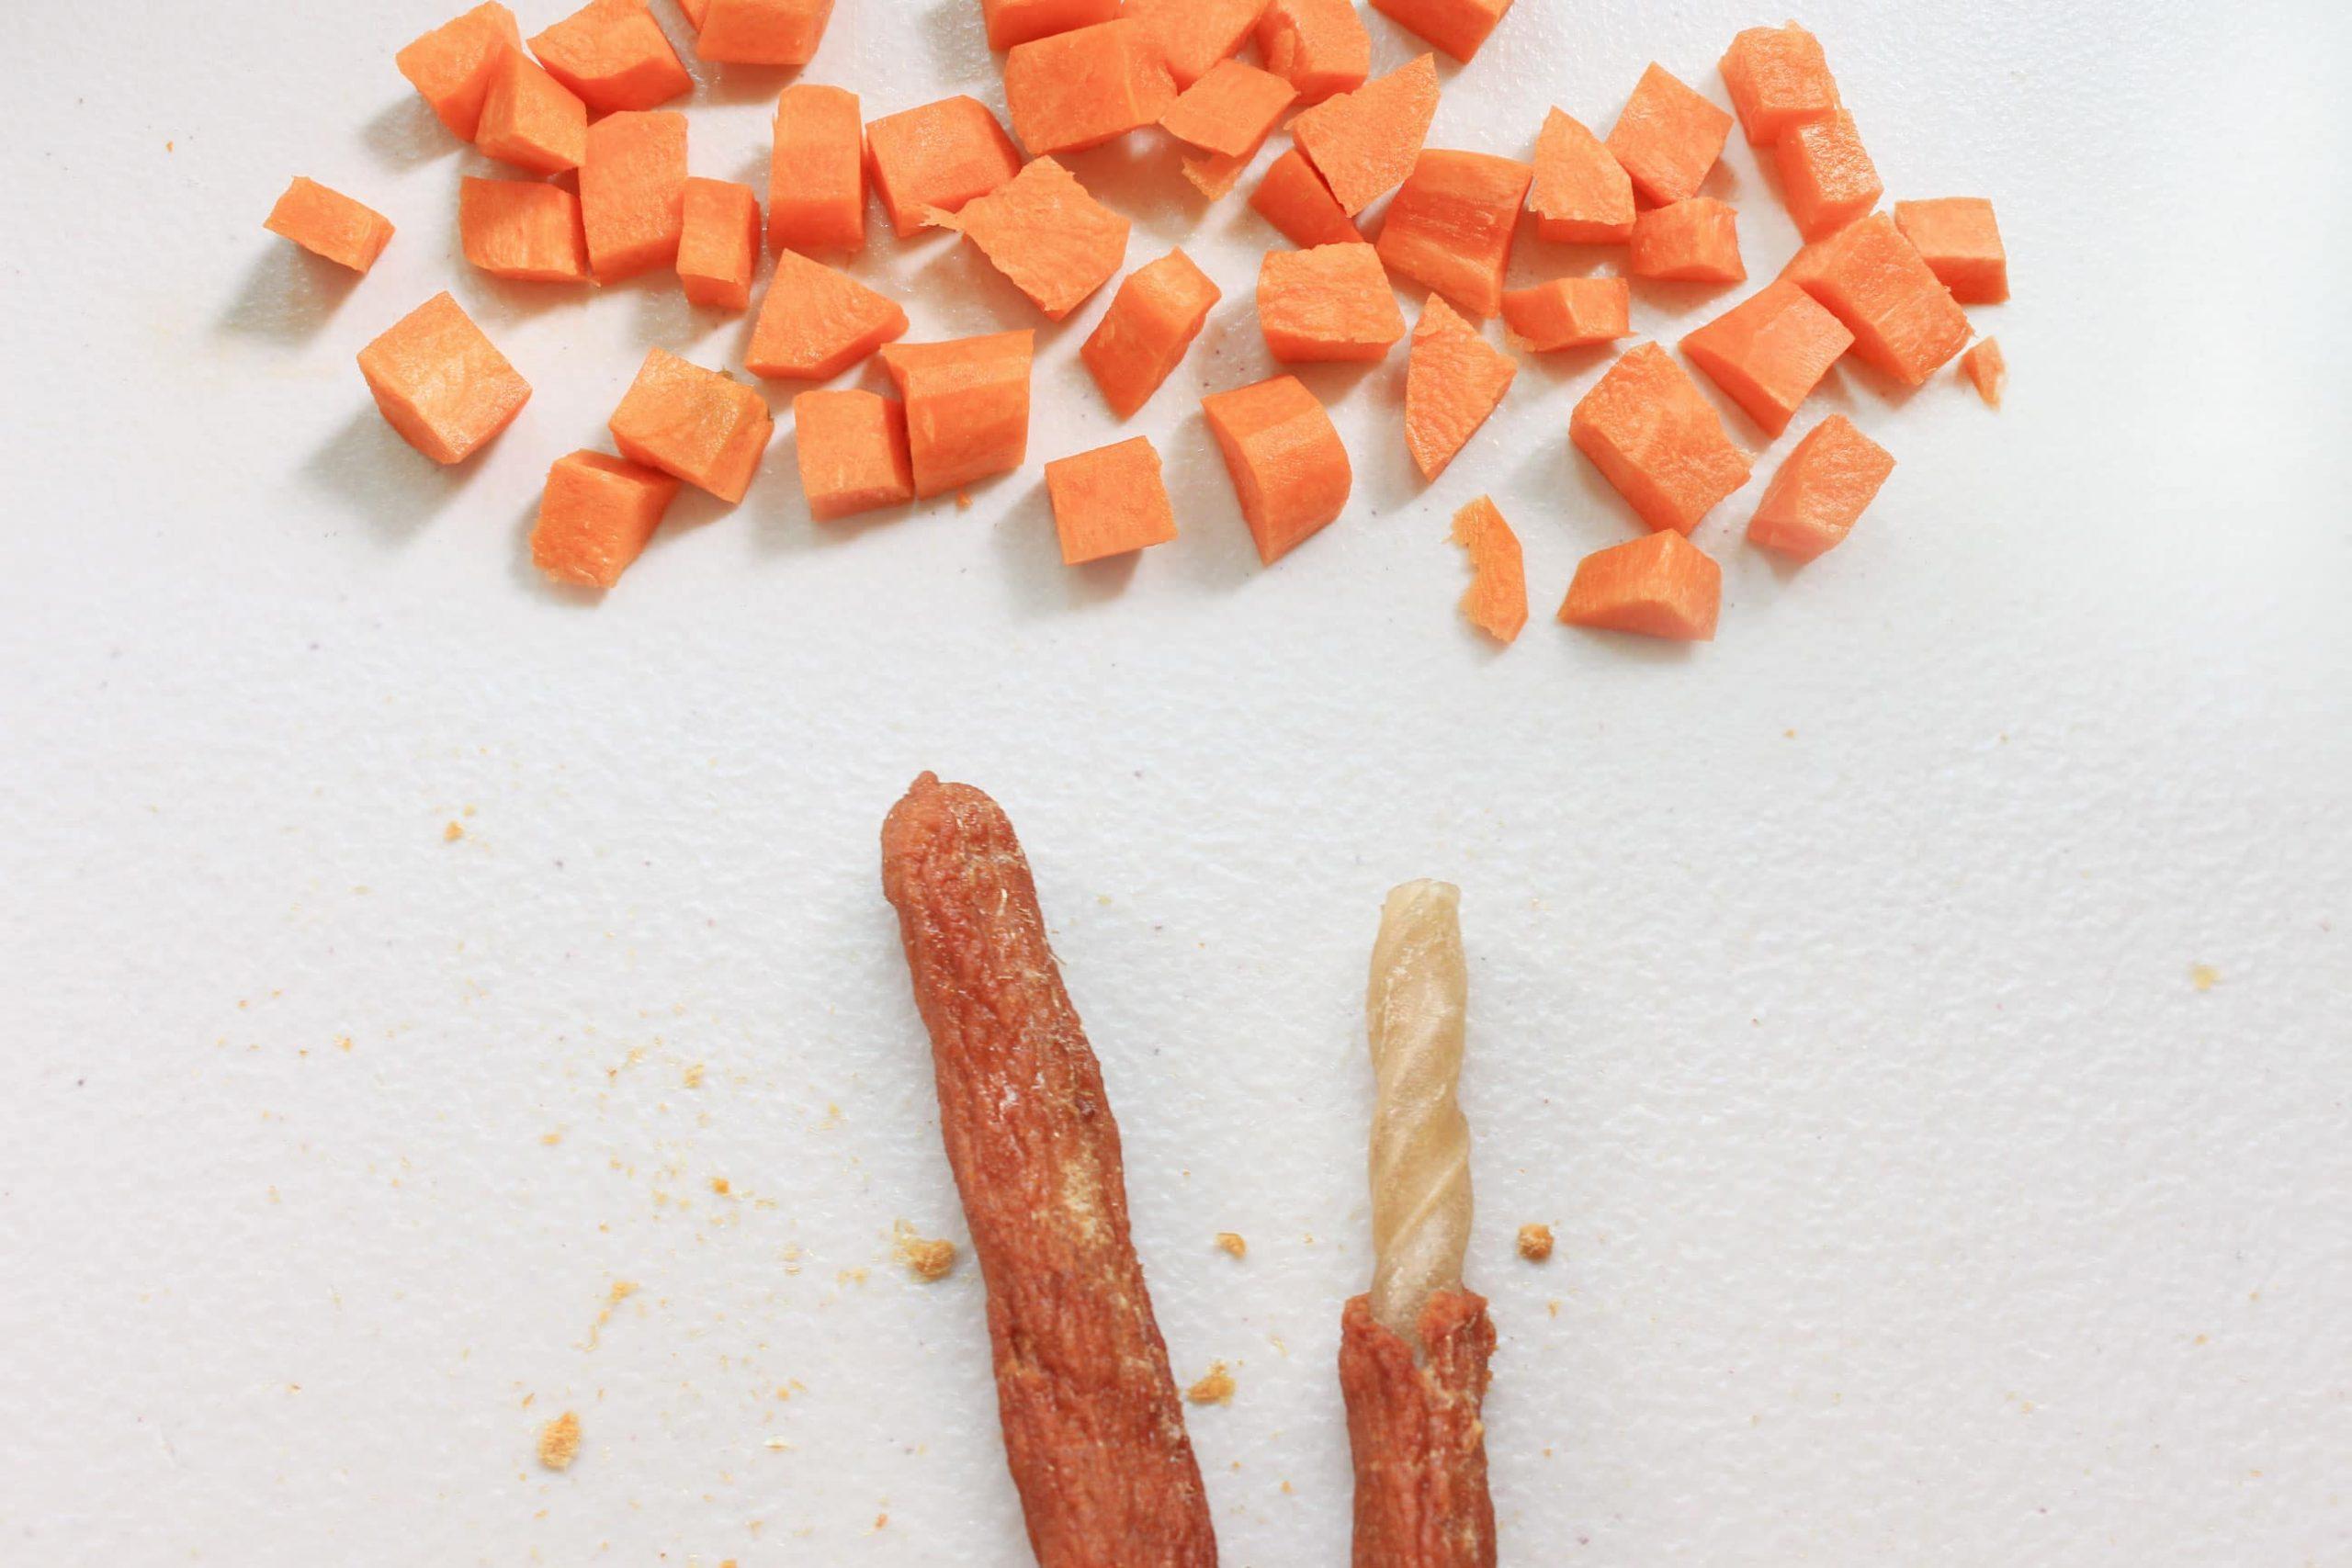 S3F2. 紅蘿蔔虱目魚皮骨捲10支